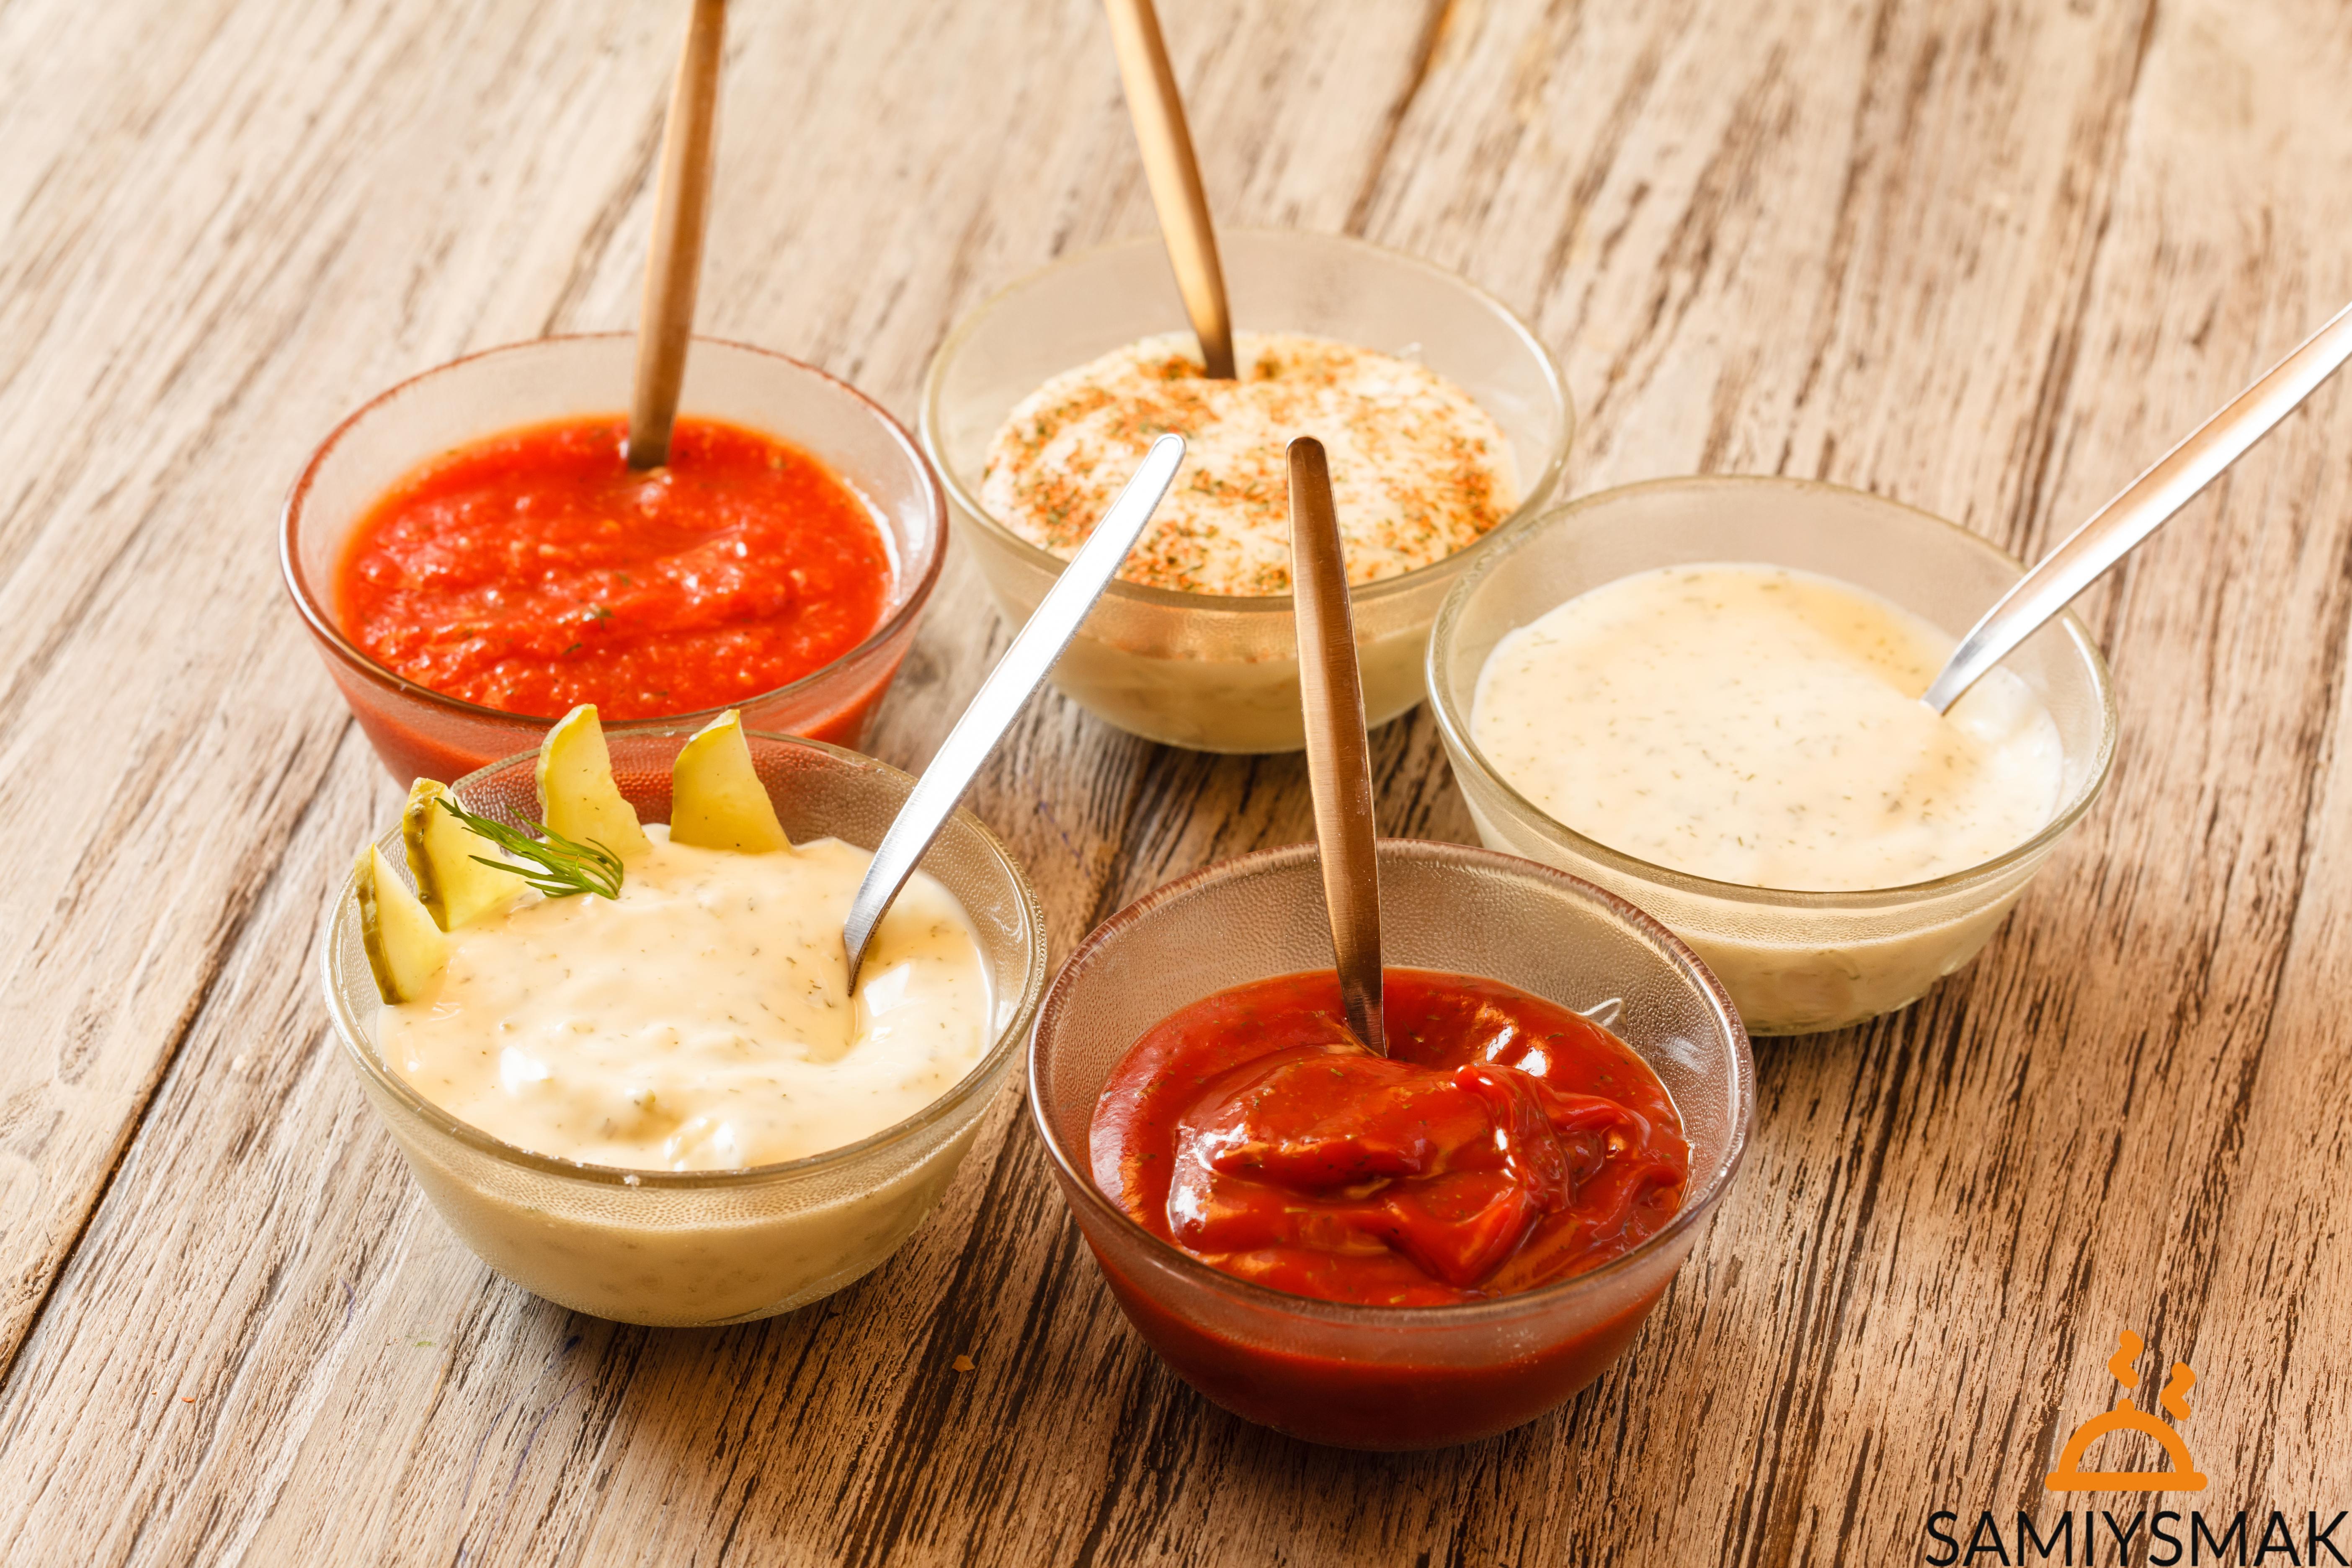 Рецепт сырного соуса в домашних условиях